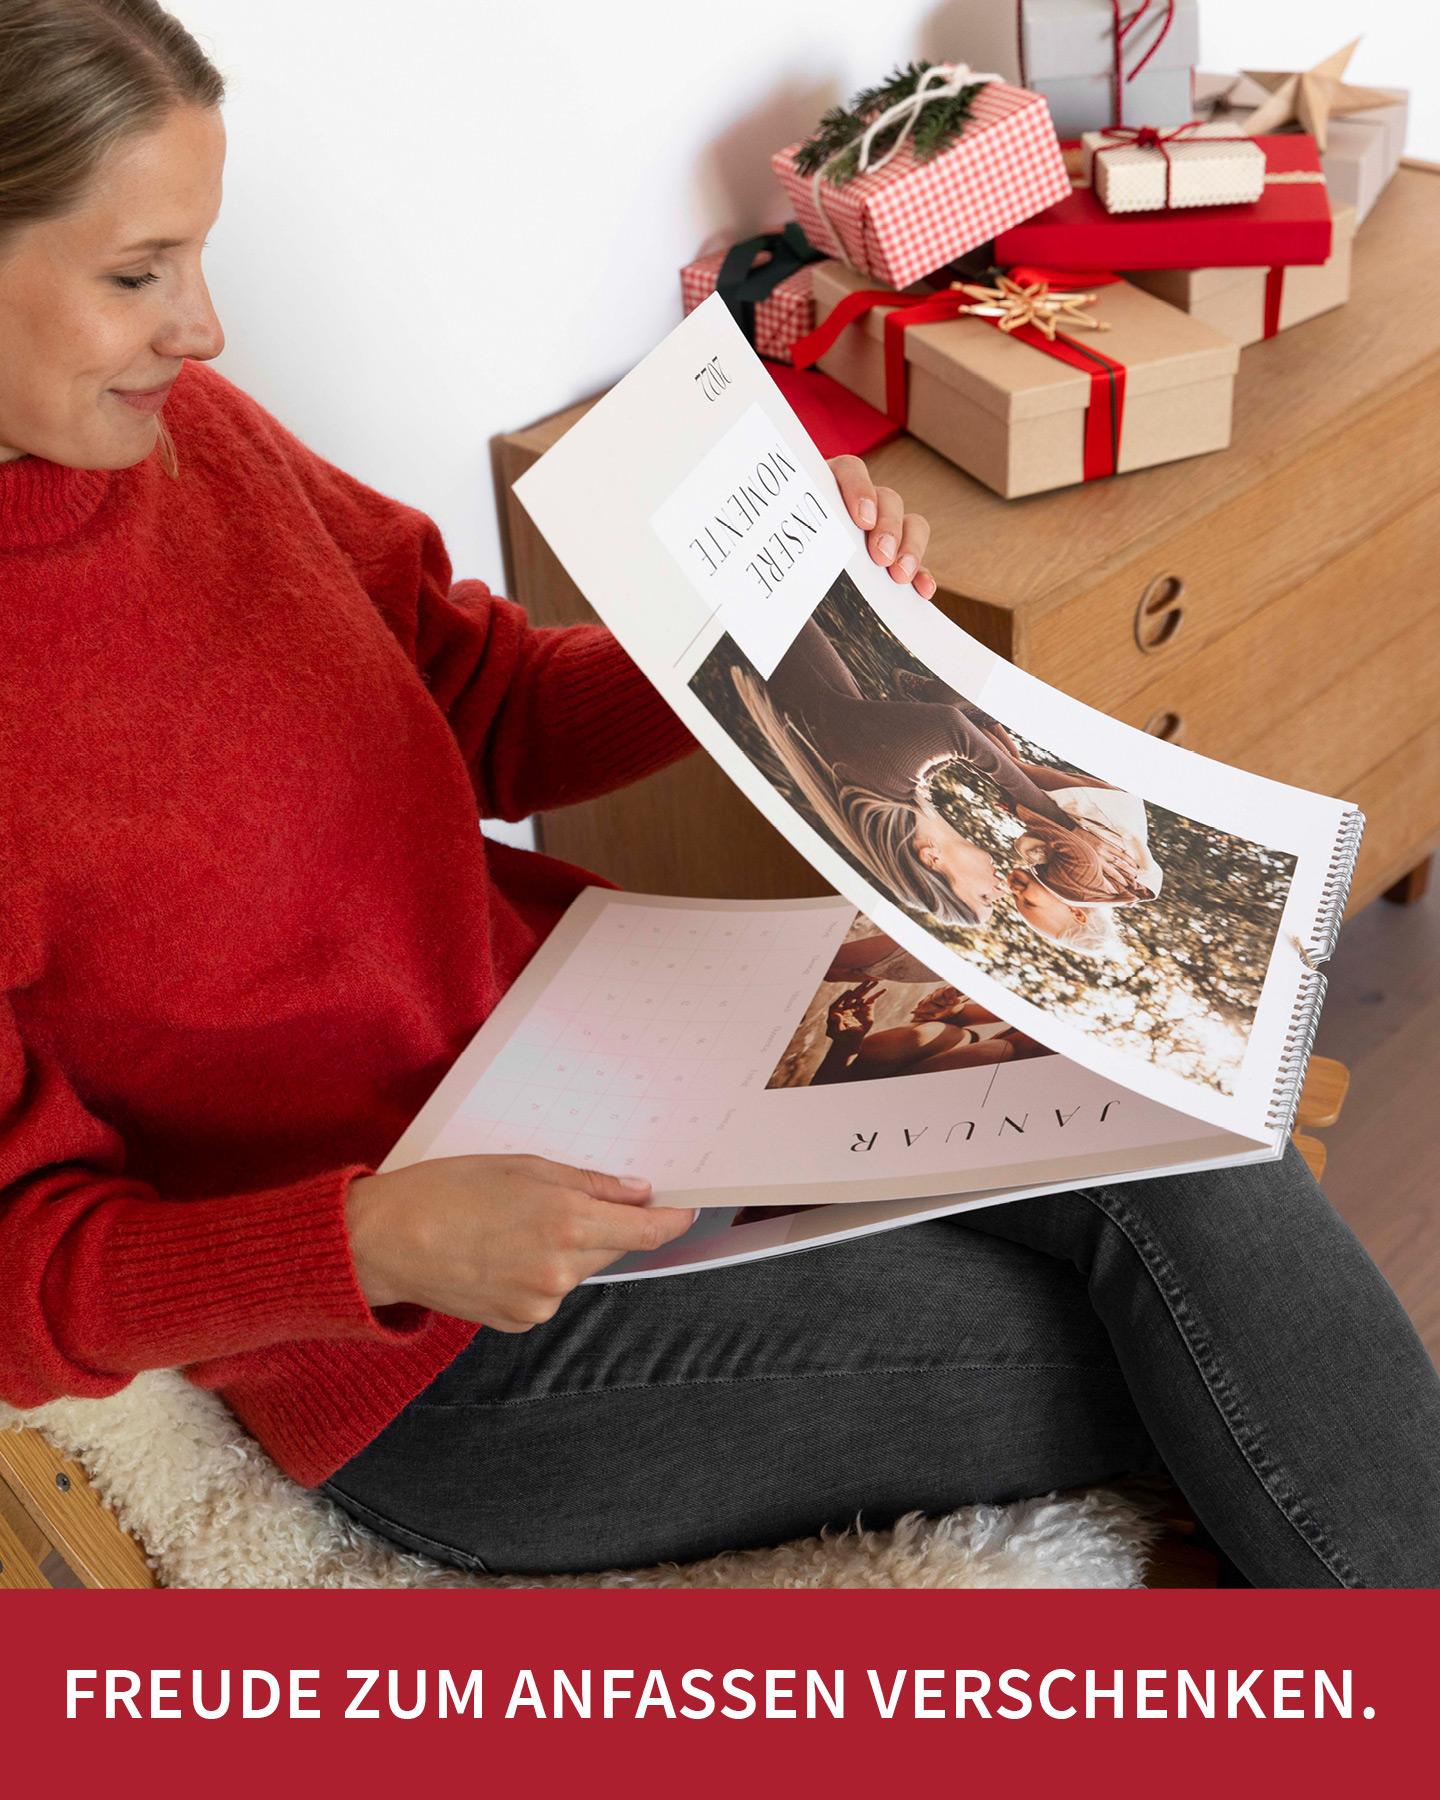 Frau im roten Pullover blättert durch Wandkalender mit vielen Familienfotos.